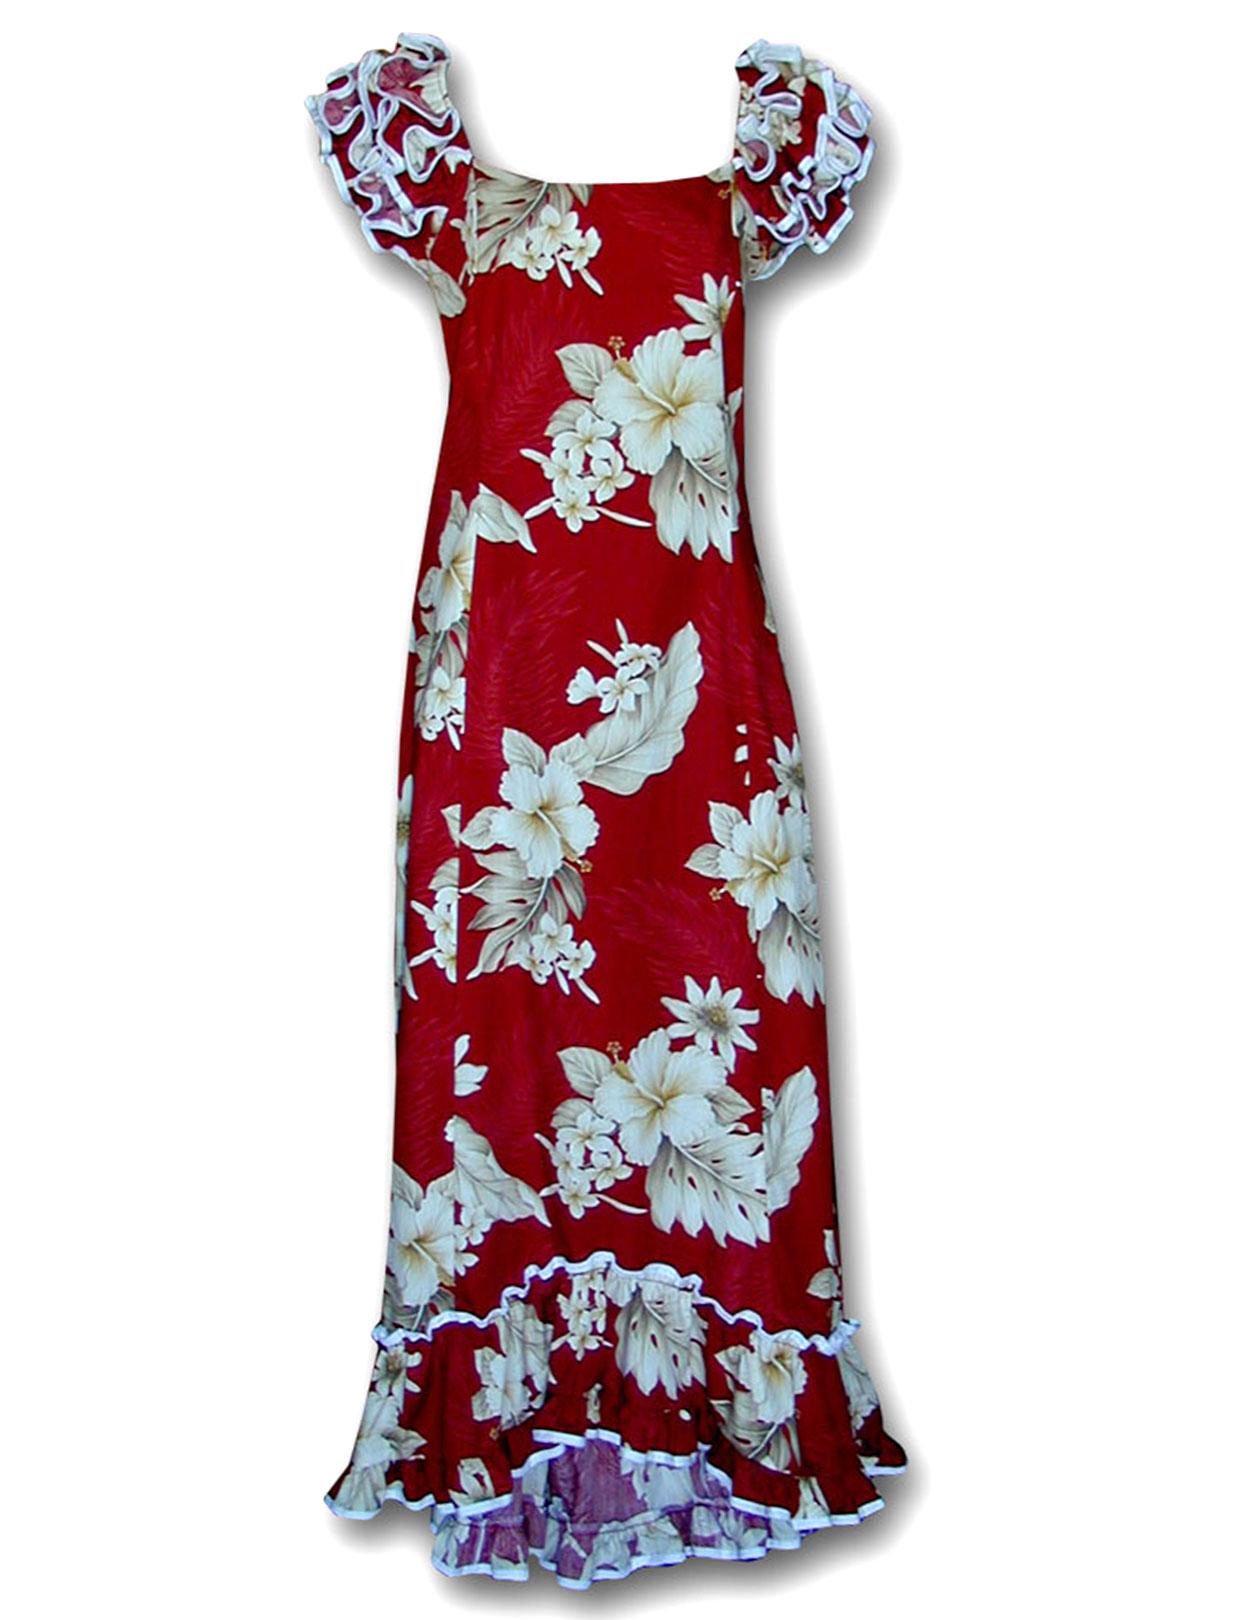 Muumuu - Muumuu Dresses - Shaka Time Hawaii